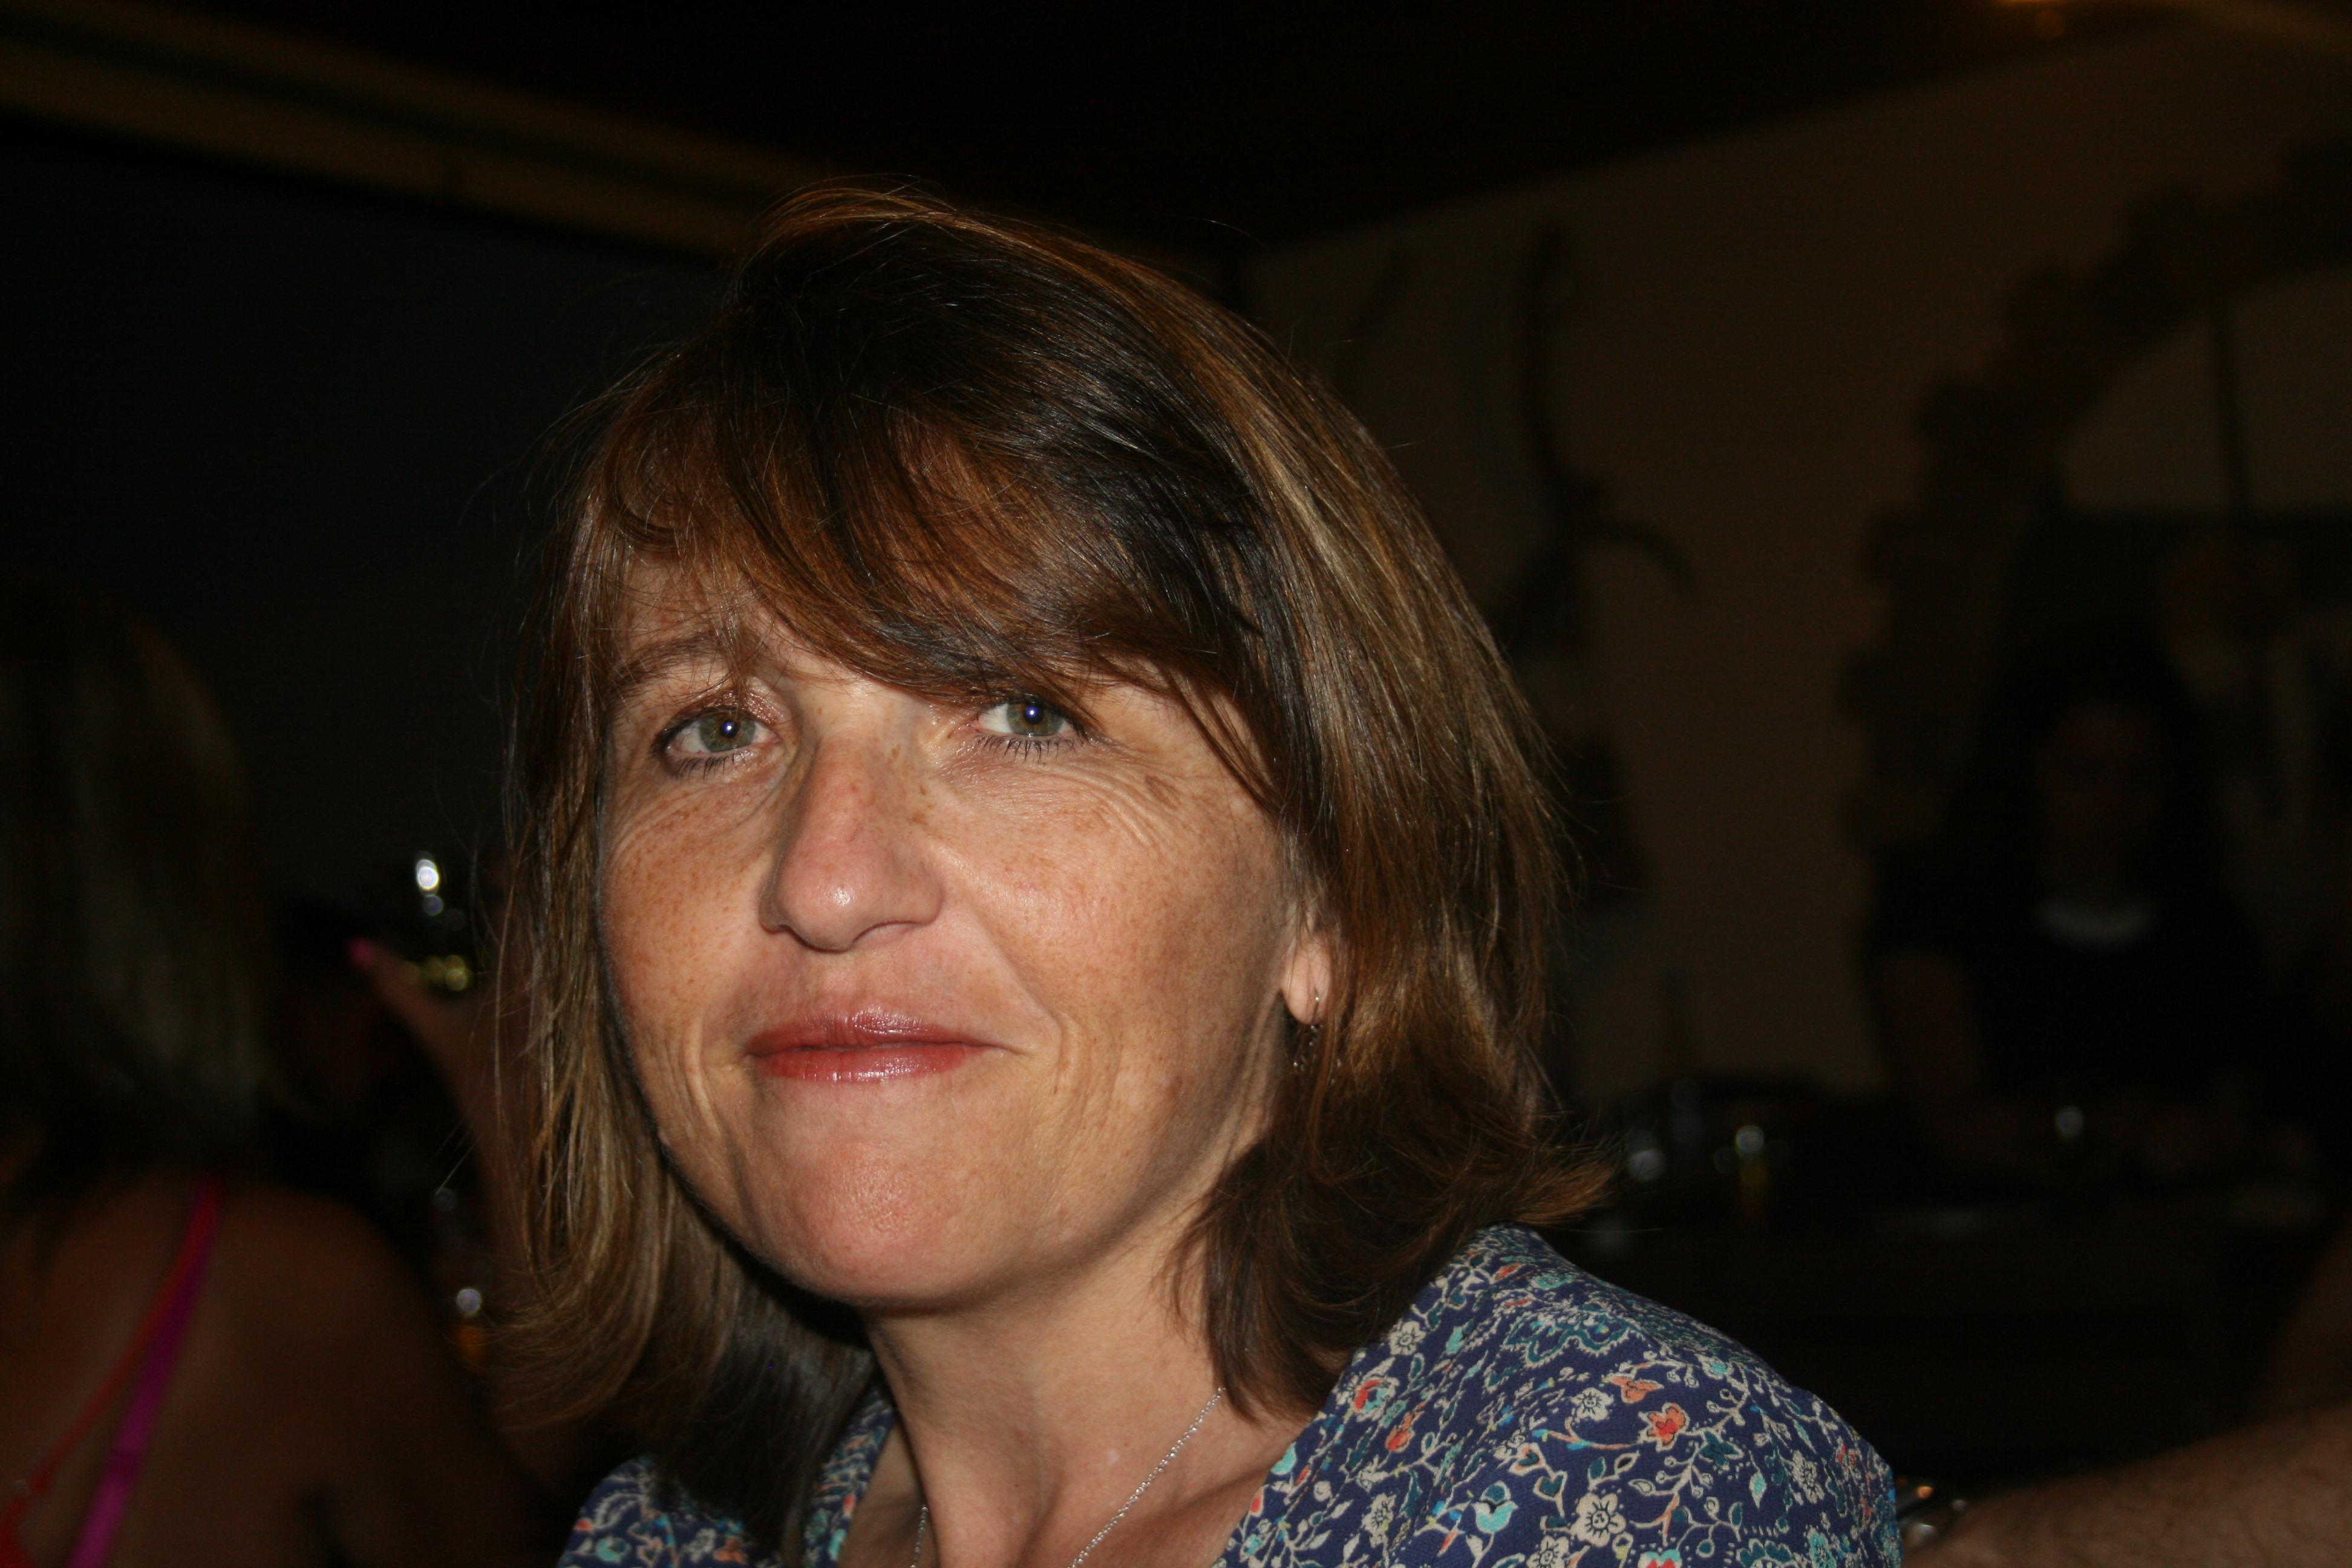 Cécile Coumau Picture